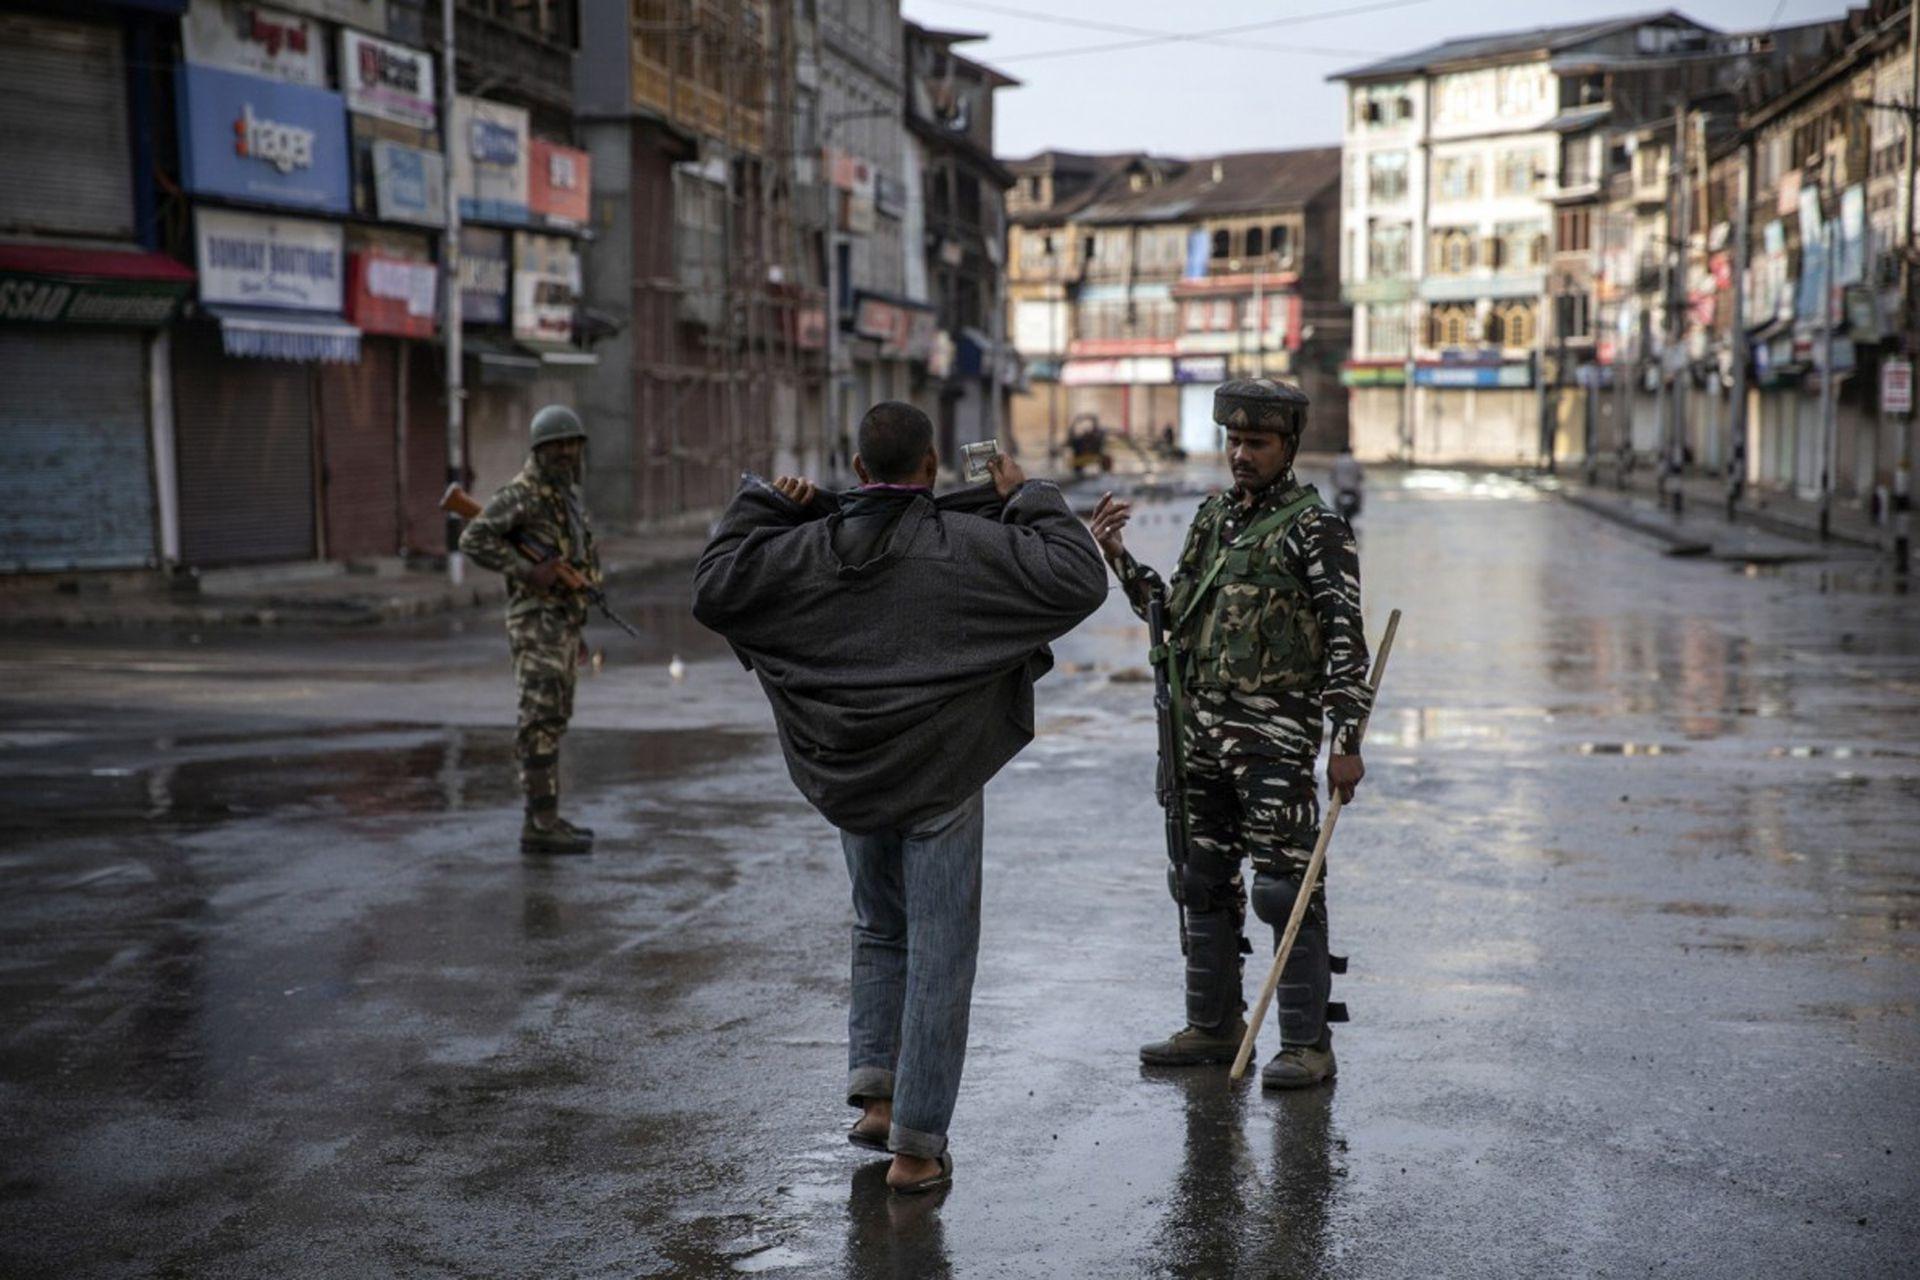 Un soldado paramilitar indio le ordena a un cachemir abrir su chaqueta antes de registrarlo durante el toque de queda en Srinagar